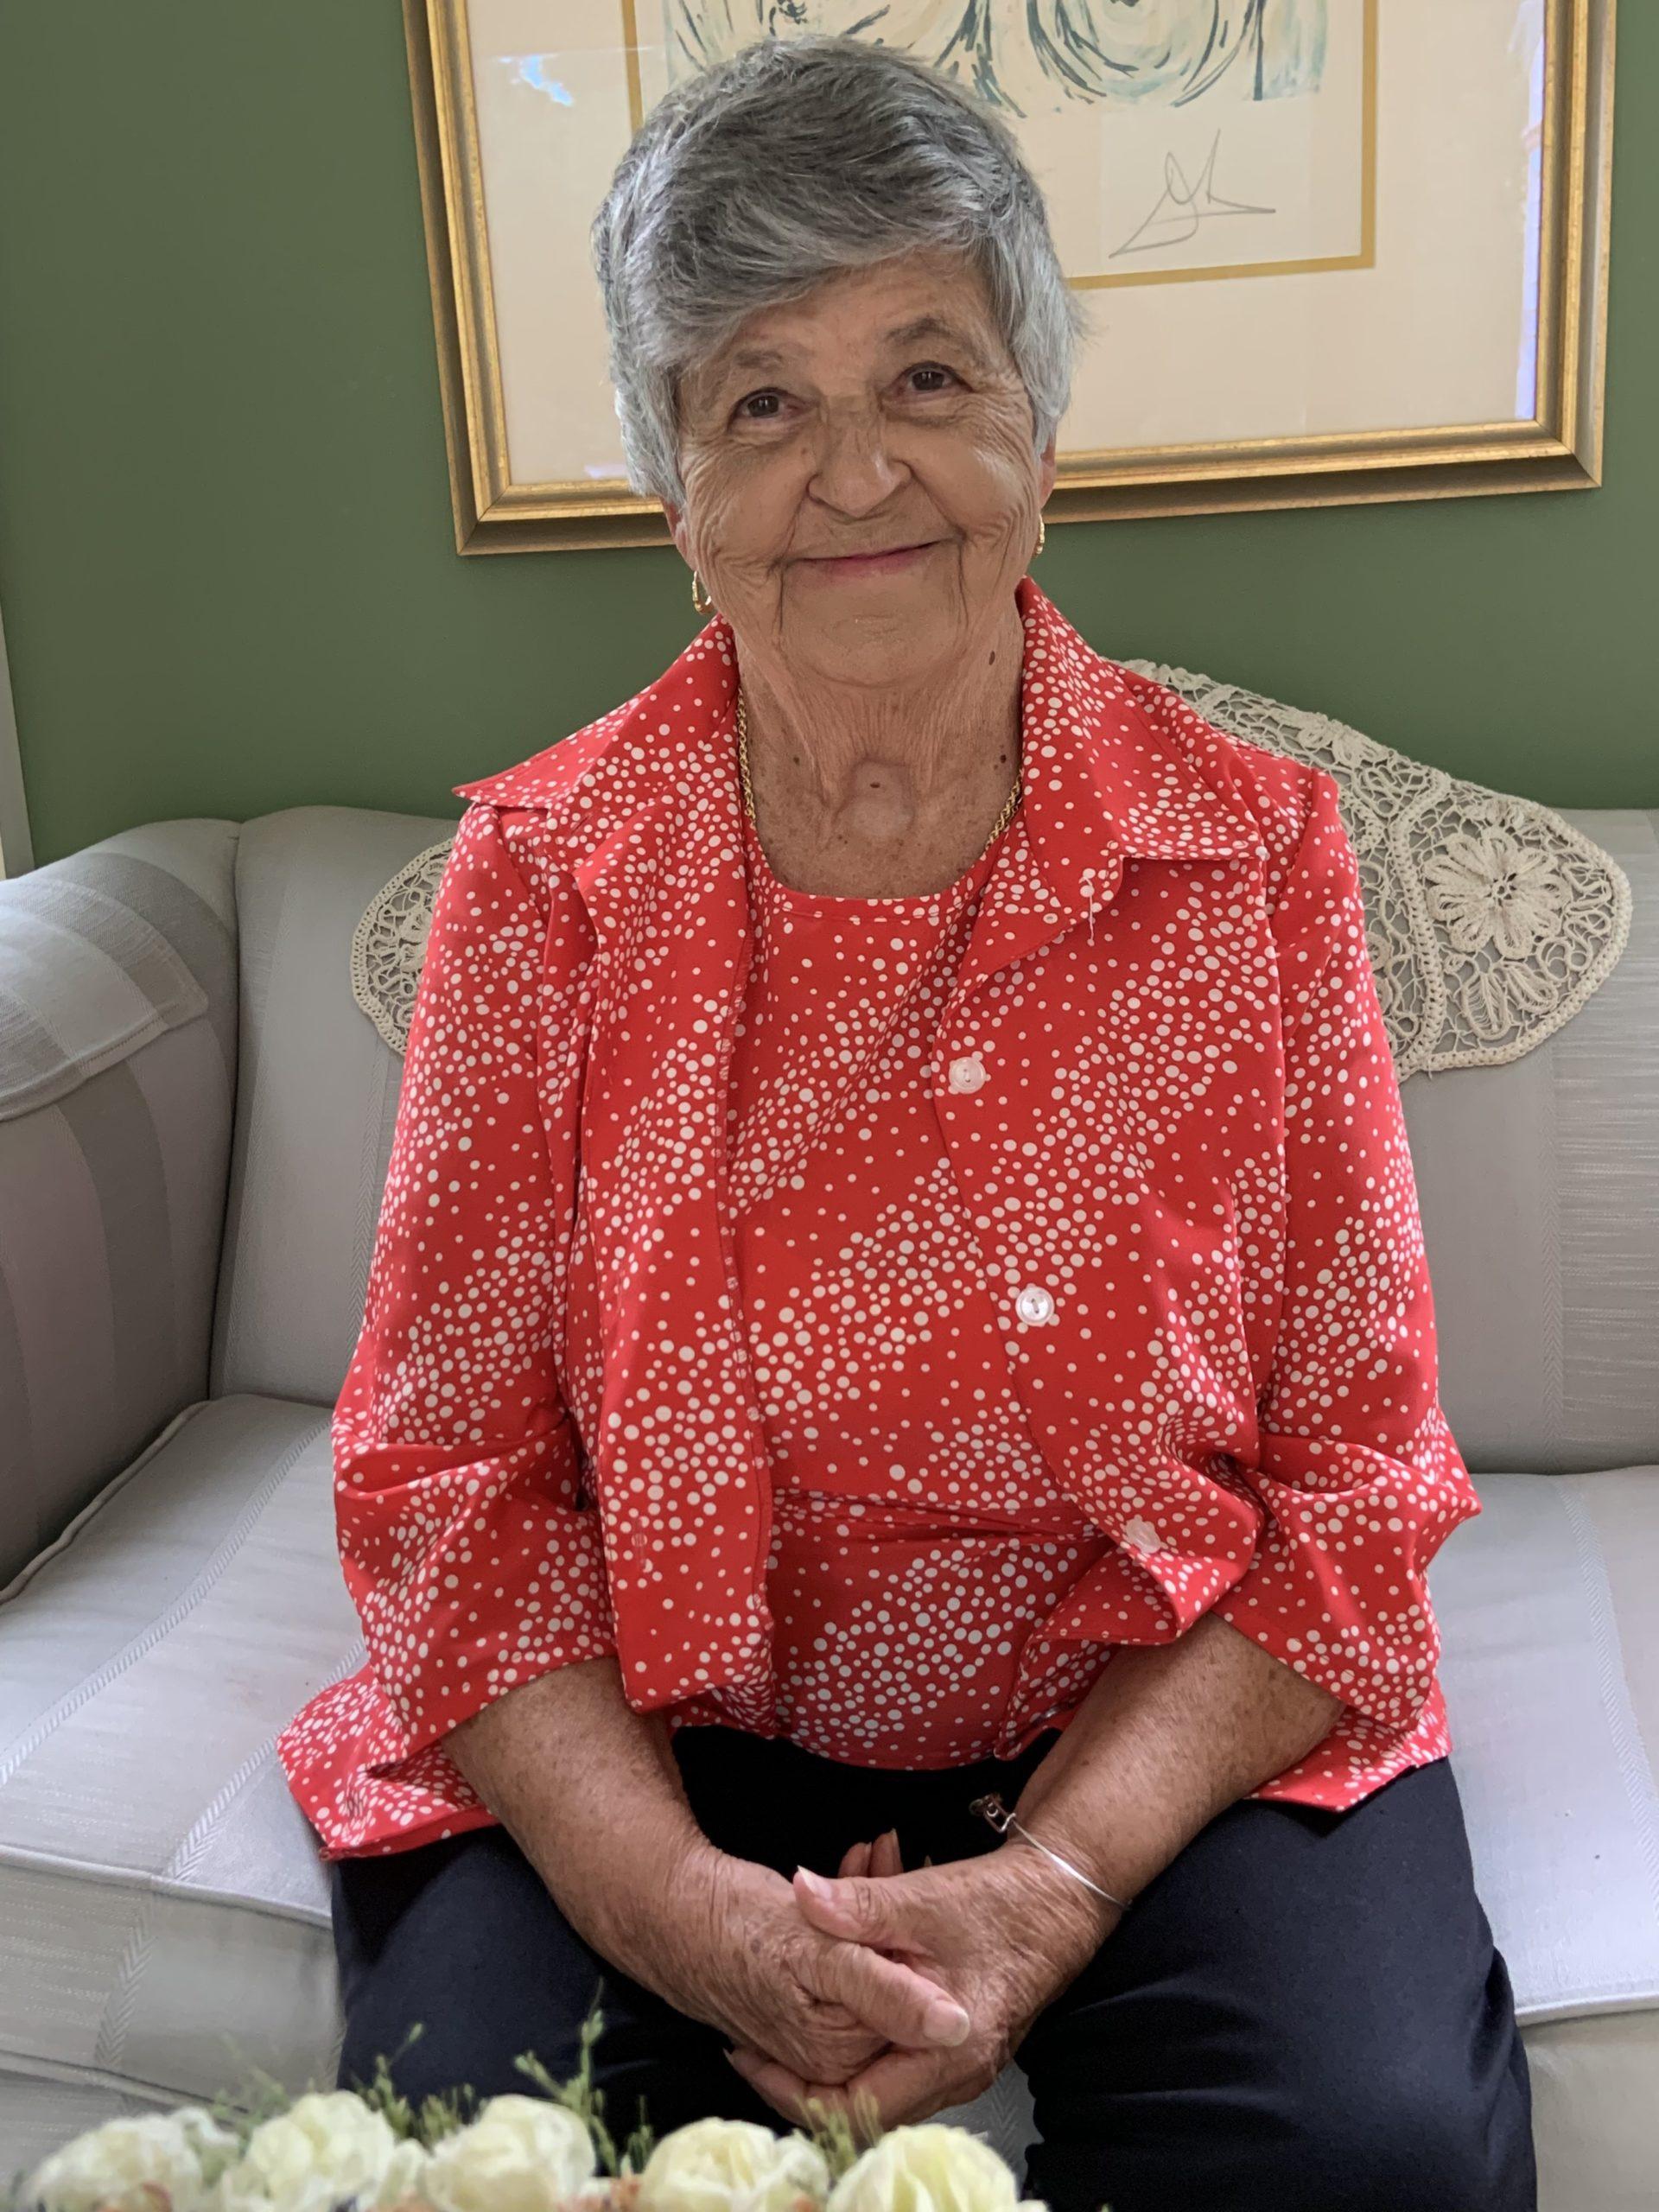 Diane Schiavoni